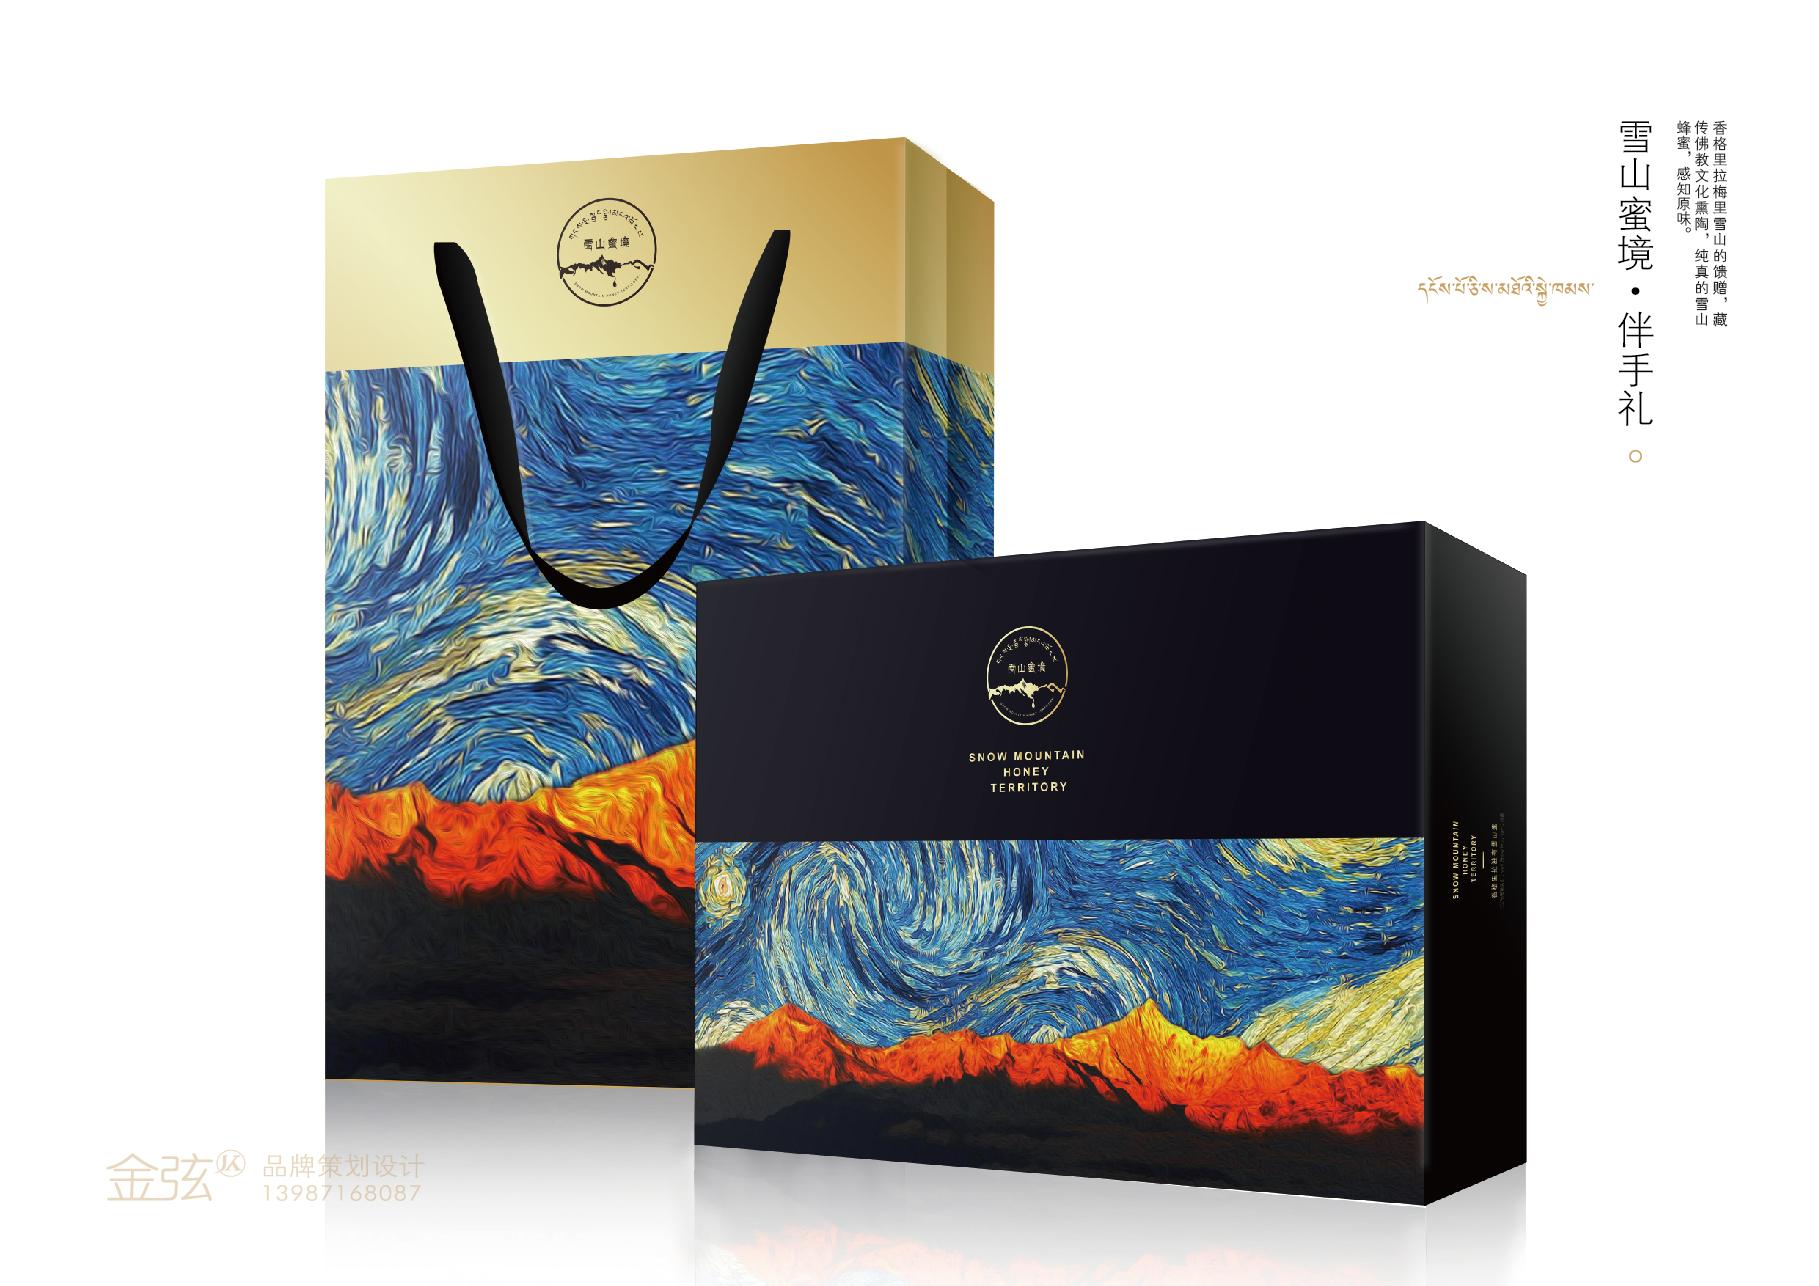 品吉 雪山蜜境伴手礼包装展示 包装设计 客户资料  第3张